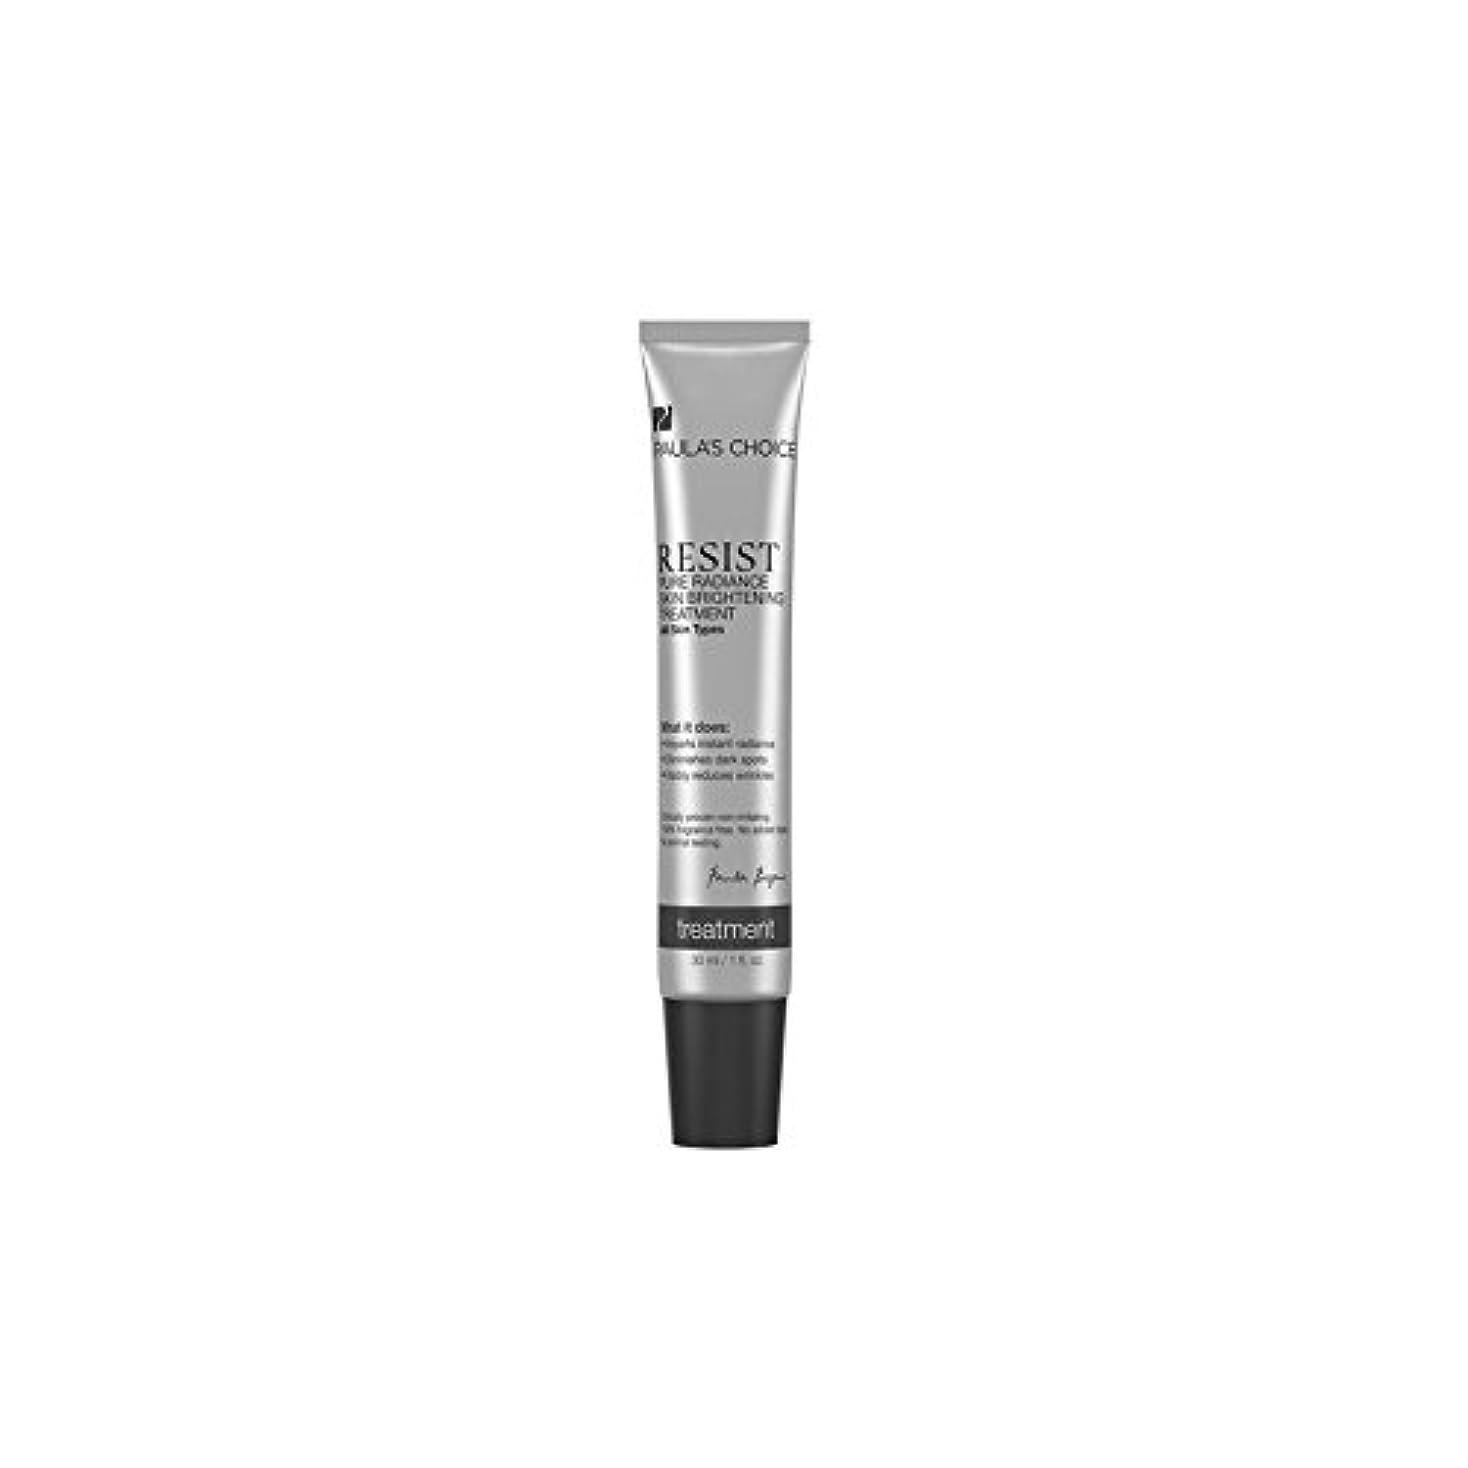 消化モールバーベキューPaula's Choice Resist Pure Radiance Skin Brightening Treatment (30ml) (Pack of 6) - ポーラチョイスは純粋な輝き肌ブライトニングトリートメント(30ミリリットル)を抵抗します x6 [並行輸入品]